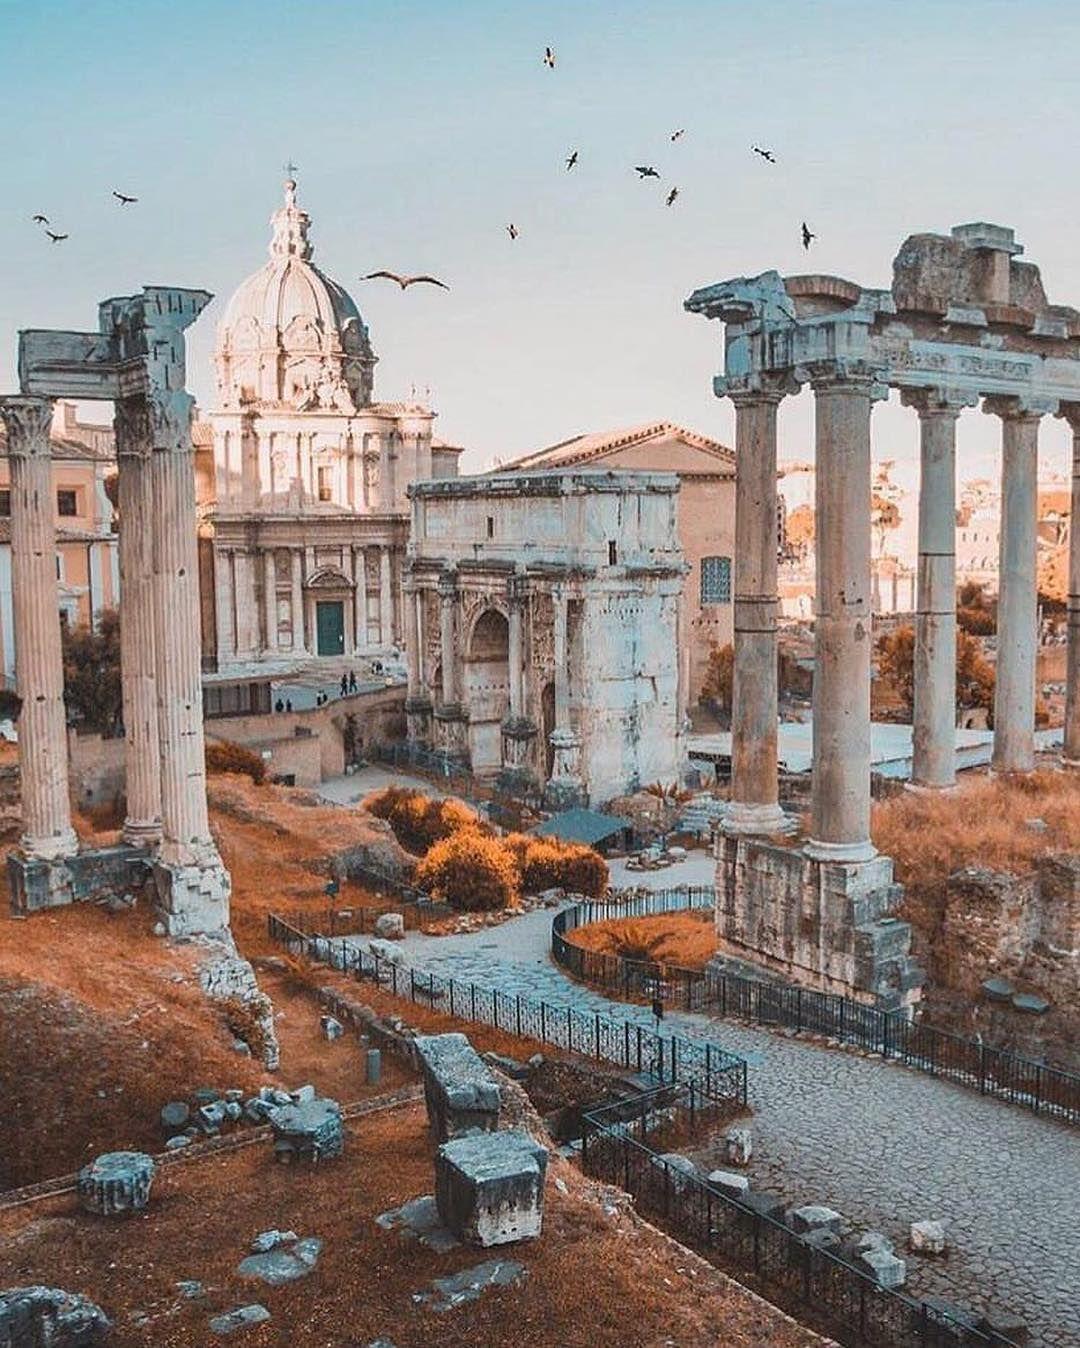 , Places to visit dream destination Ancient Rome –  Places to visit dream destination Ancient Rome  – #ancient #destination #dream #Foodietravel, My Travels Blog 2020, My Travels Blog 2020